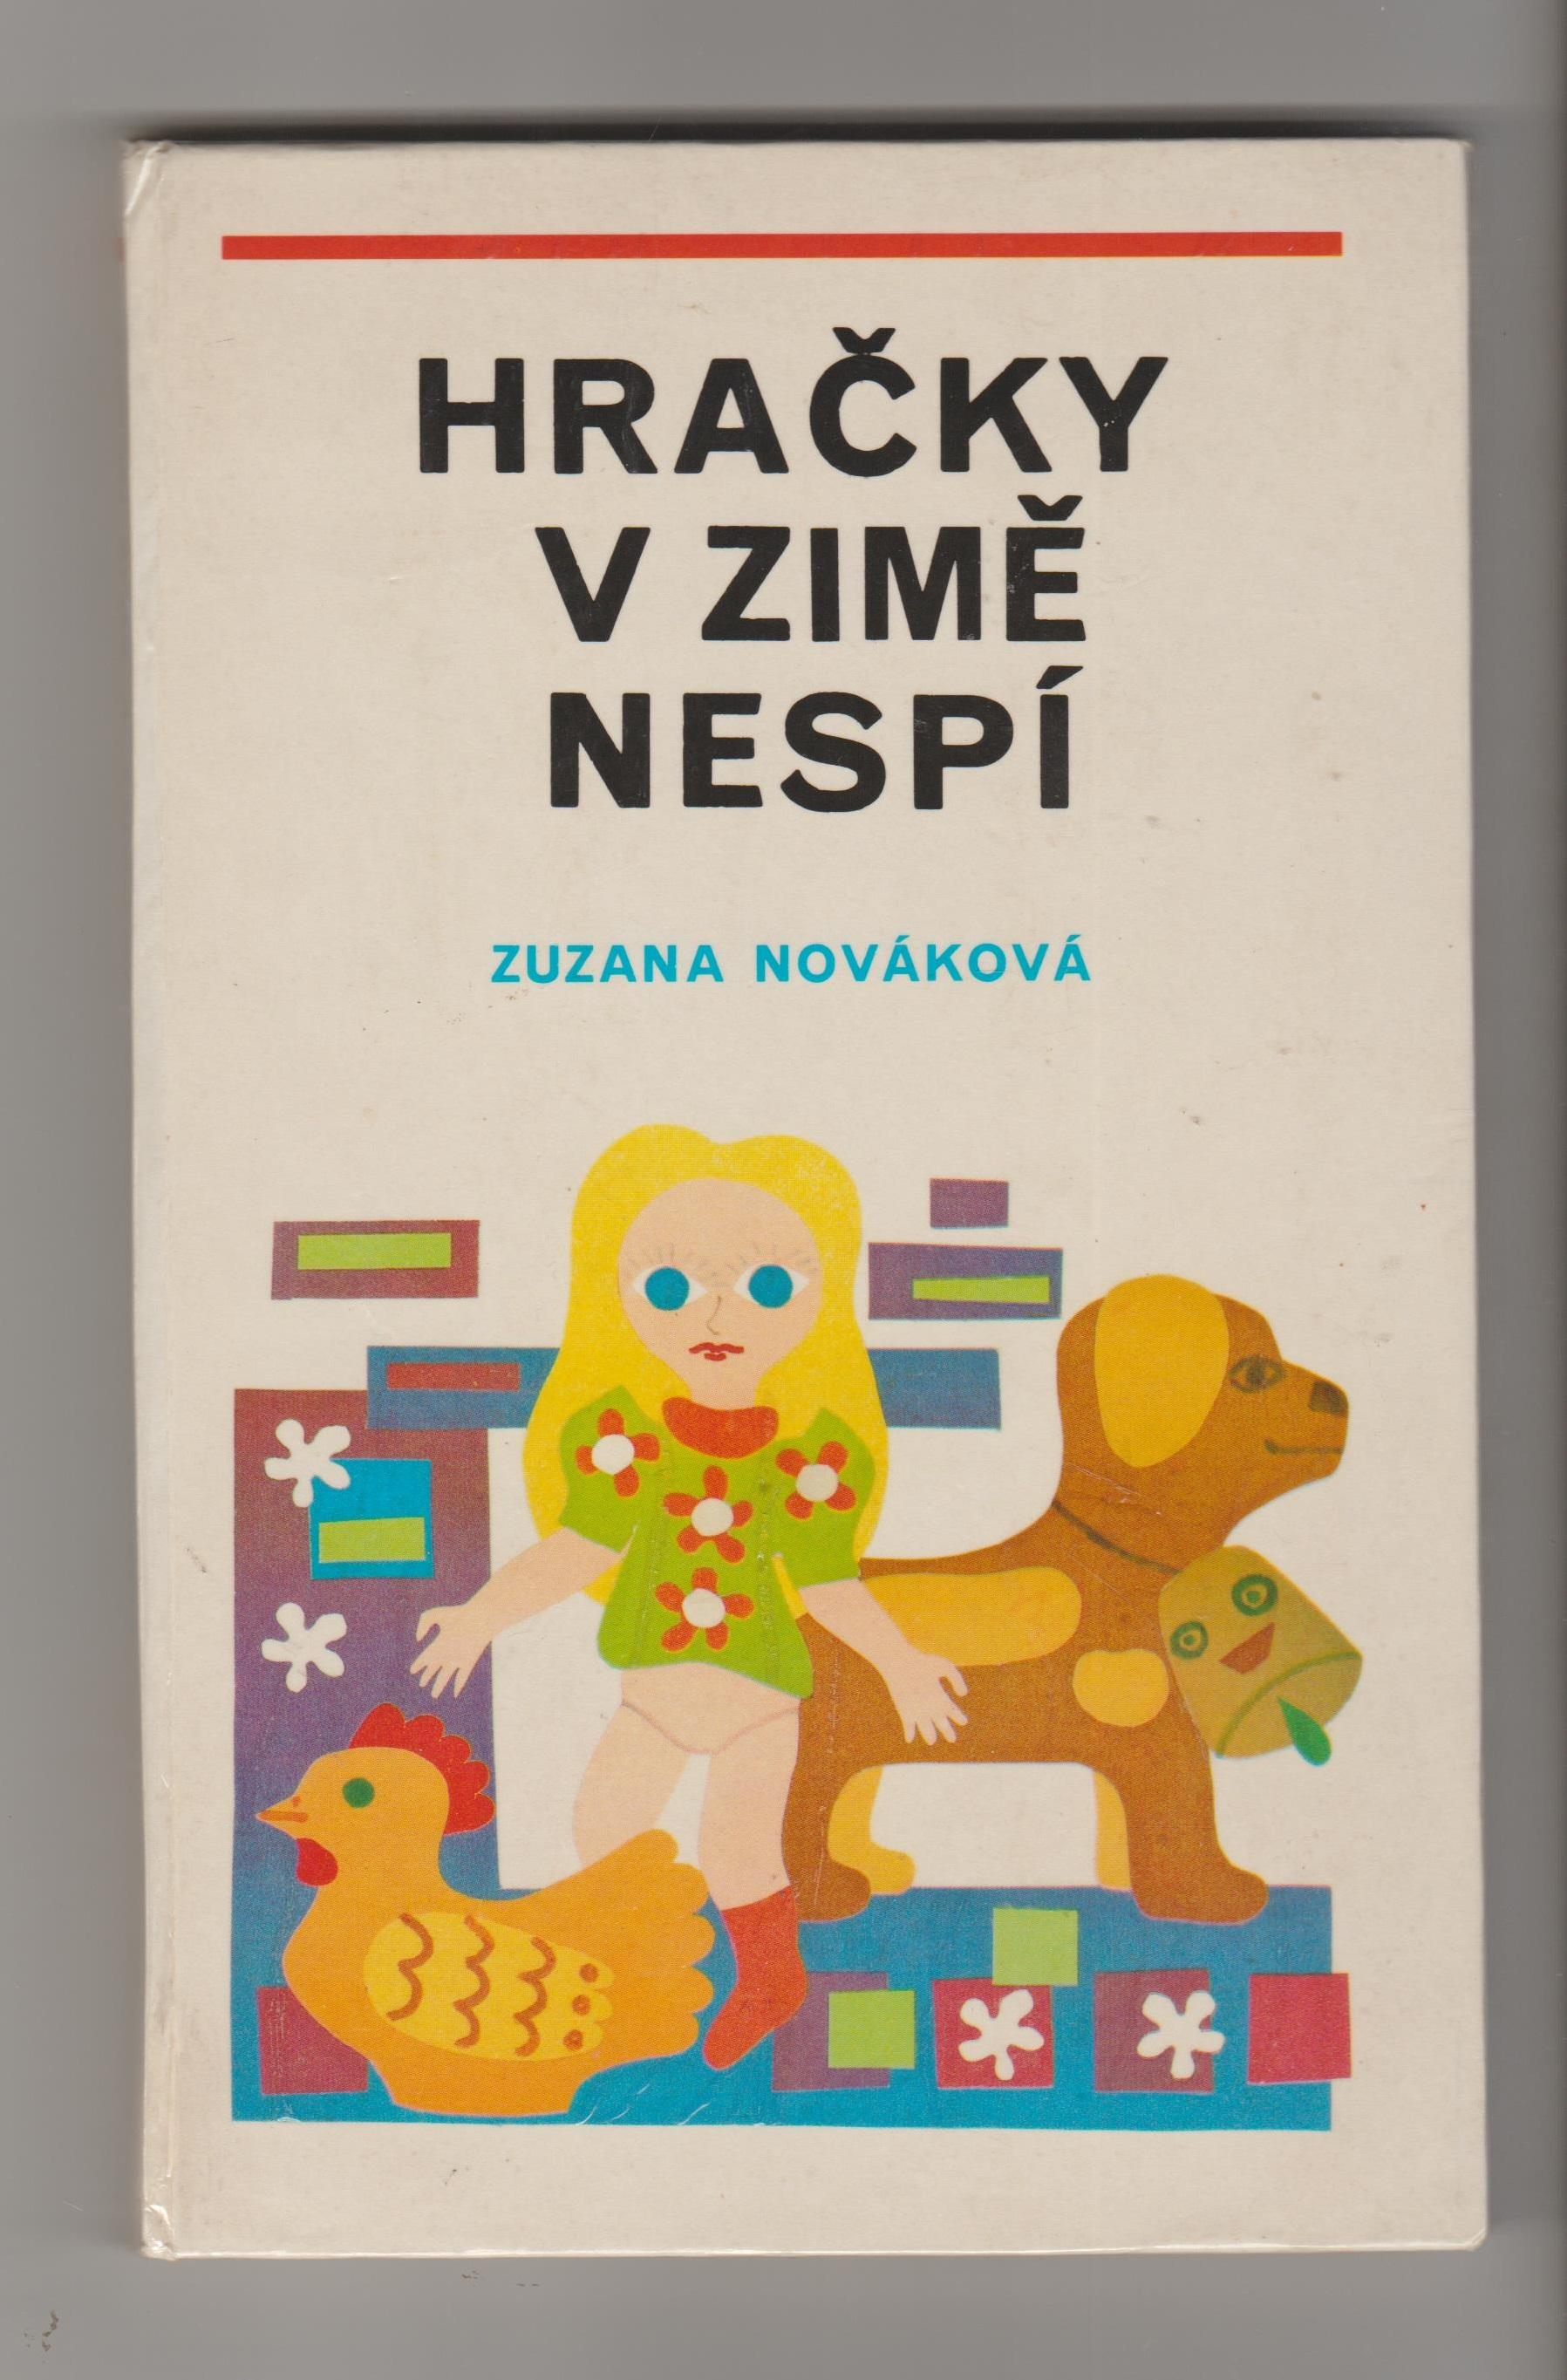 Hračky v zimě nespí - Zuzana Nováková